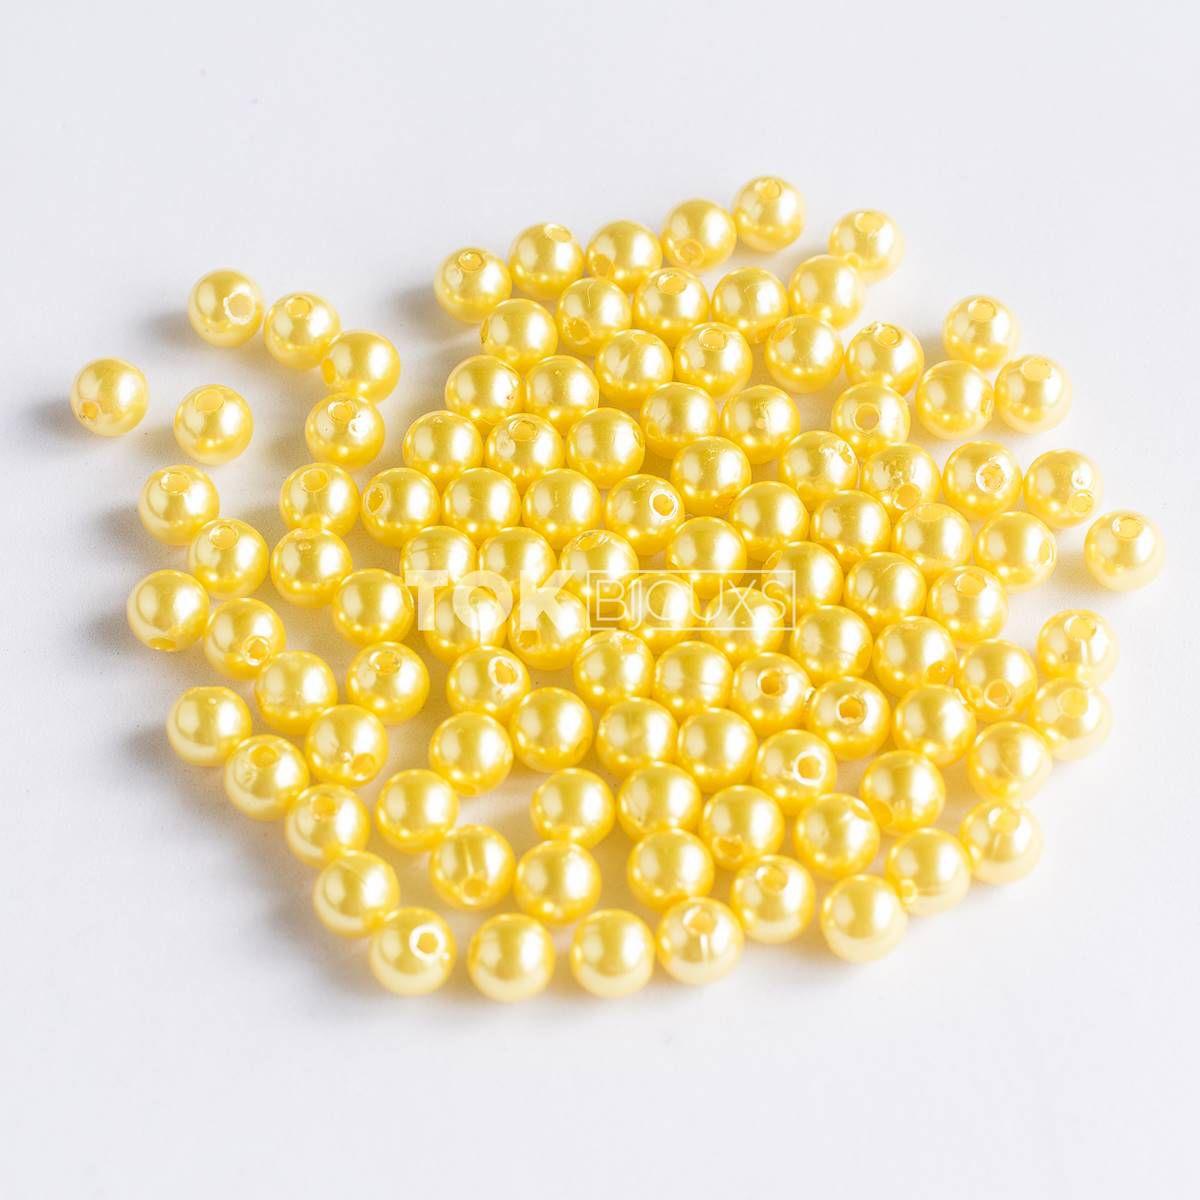 Pérola Redonda Abs 4mm - Amarelo - 25g